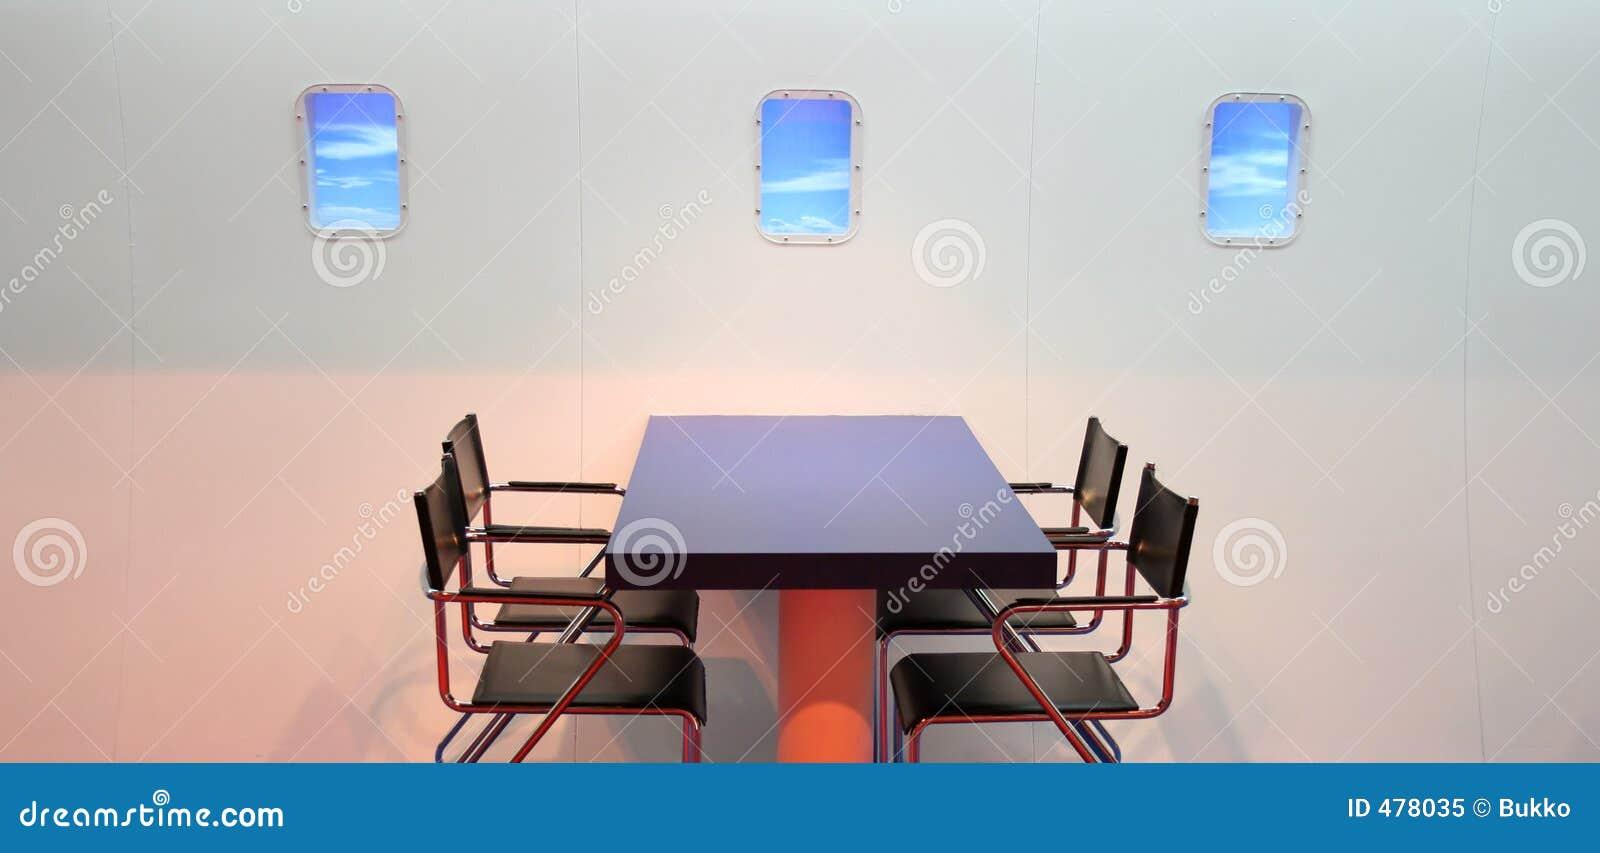 飞机装饰喜欢